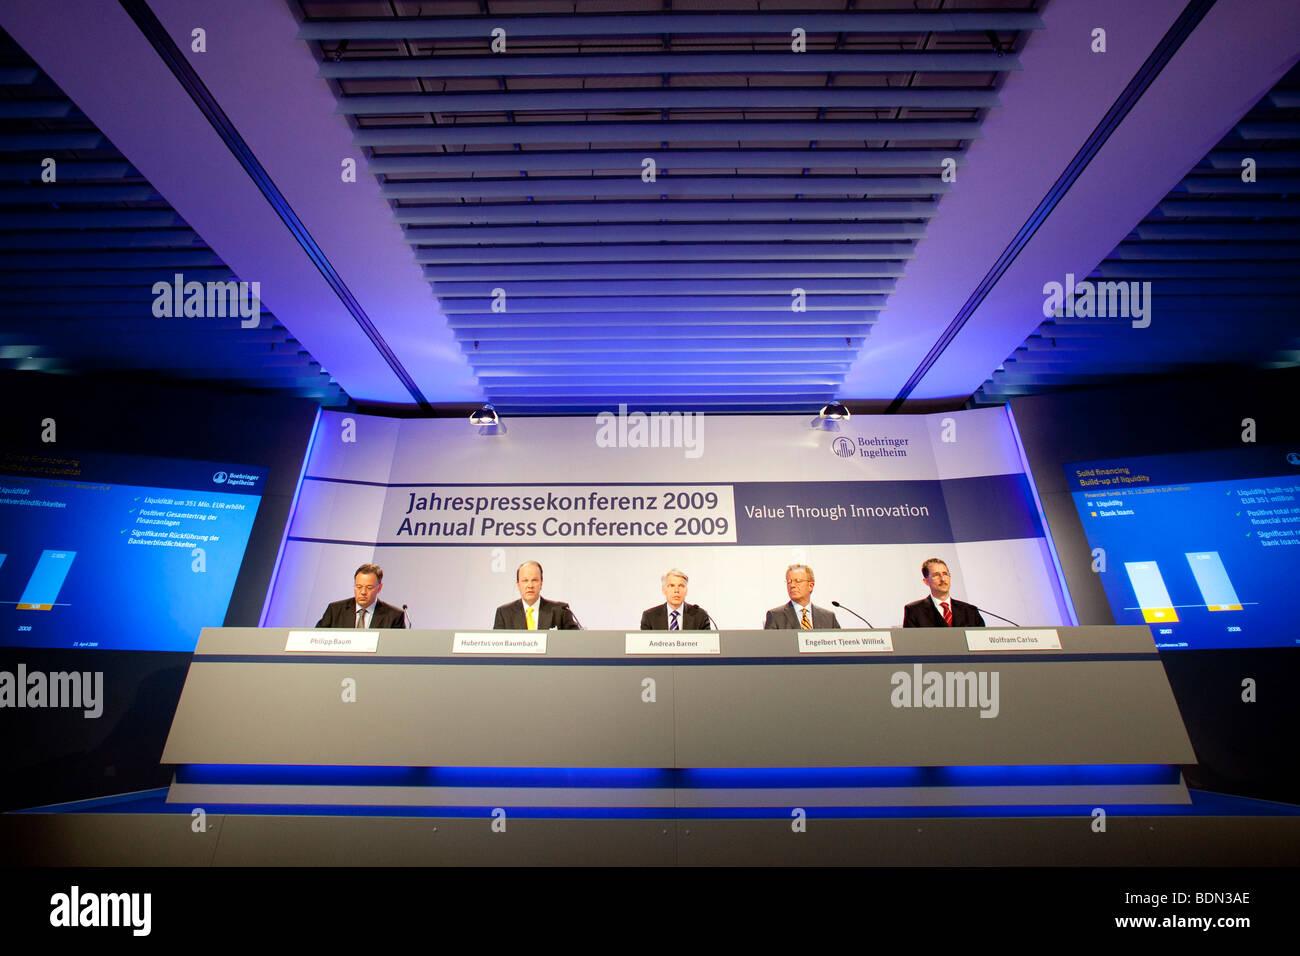 Philip Baum, Unternehmenssprecher, links, Hubertus von Baumbach, 2. von links, CFO, Andreas Barner, zentrieren, Stockbild